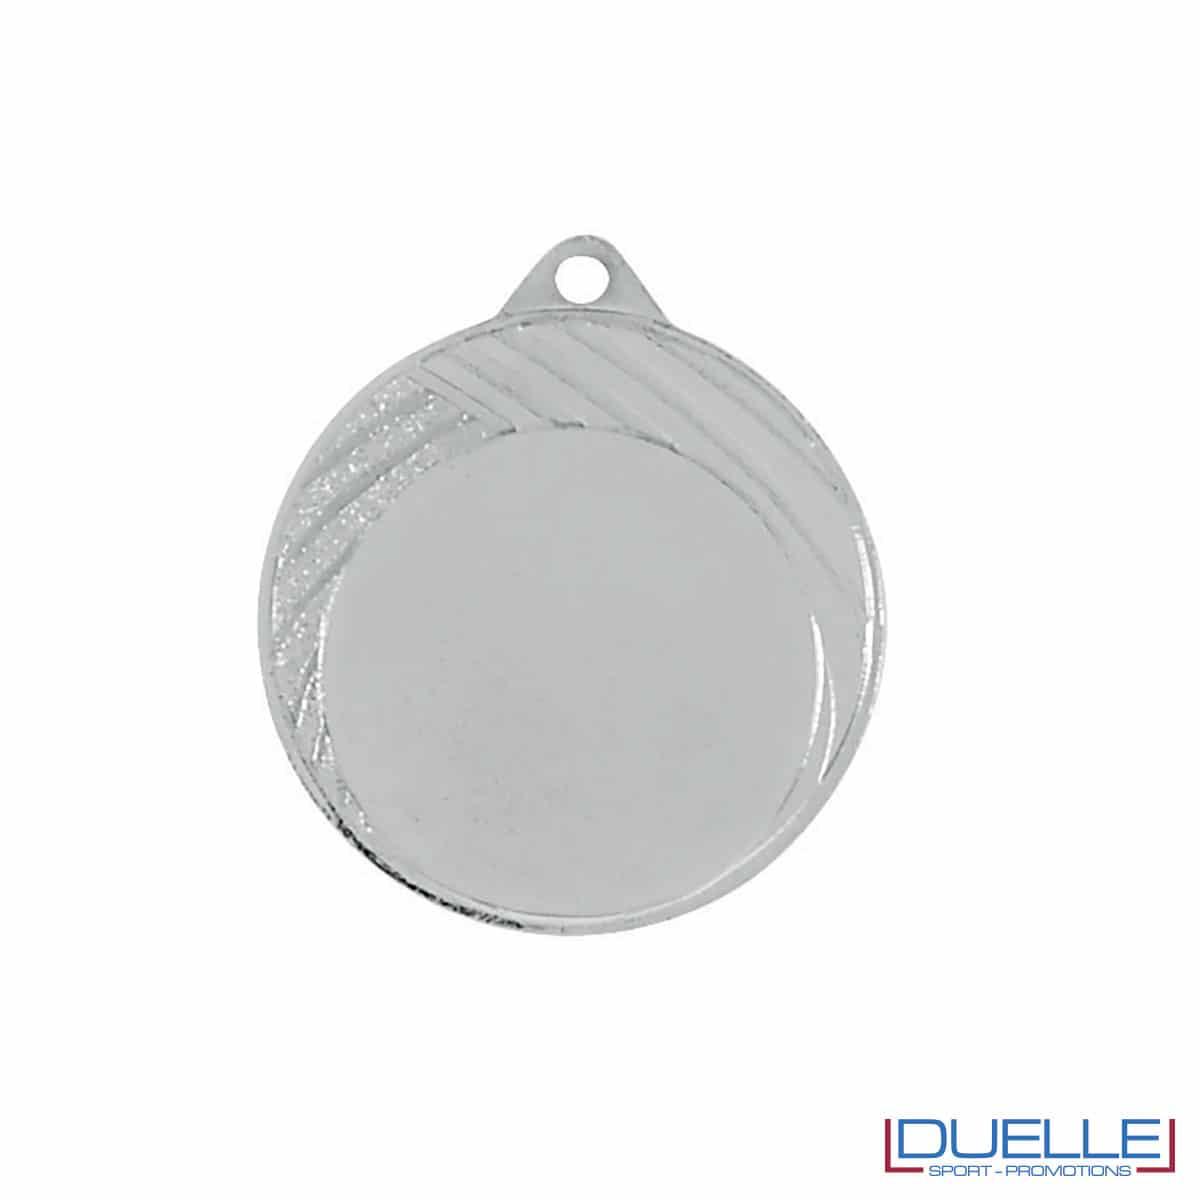 Medaglia in argento 32mm con decorazione a strisce da personalizzare